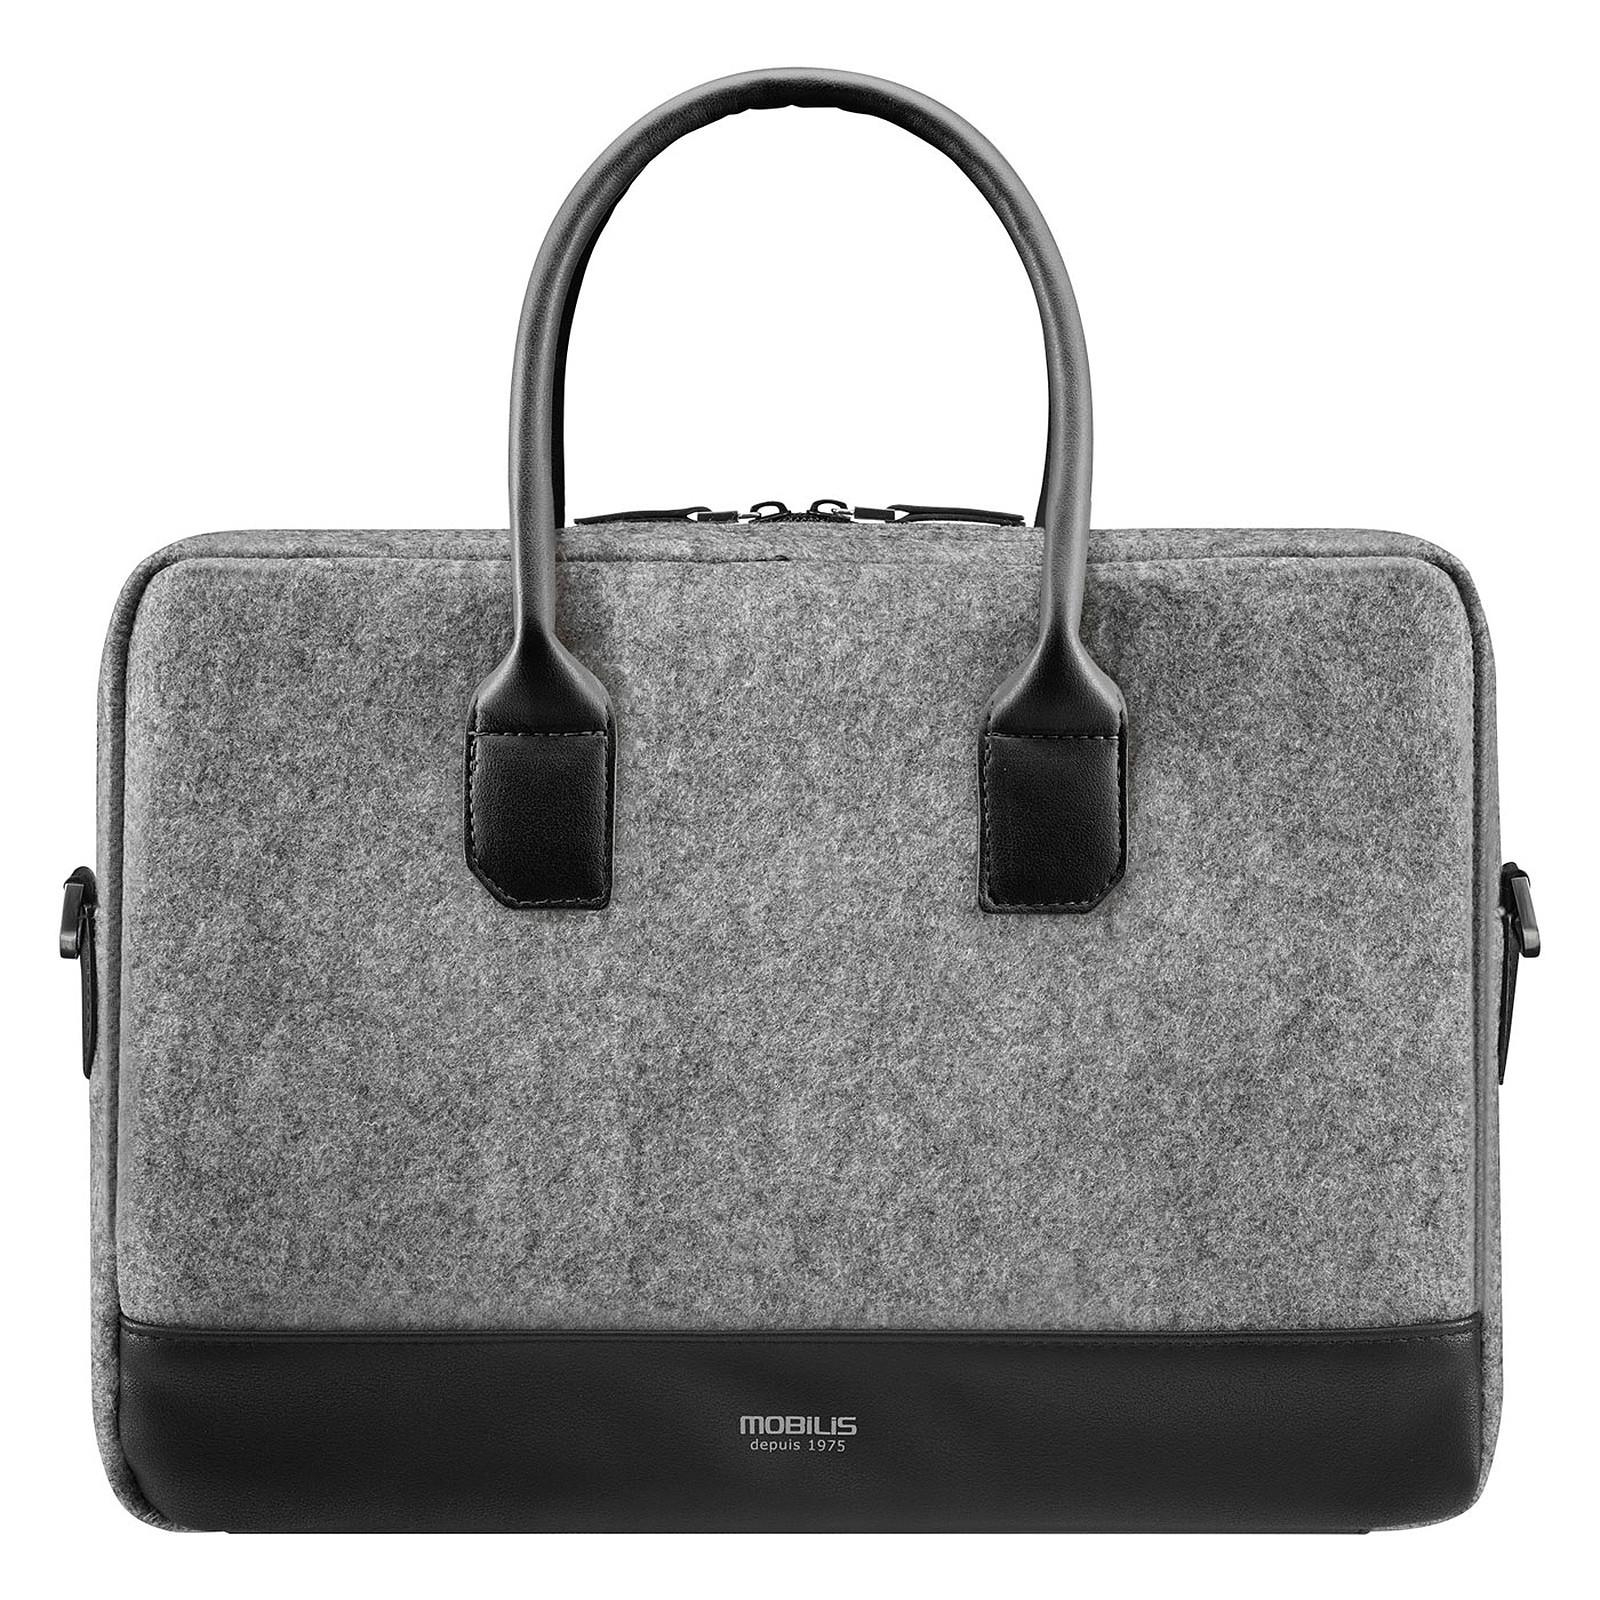 c0217c8a86 Mobilis Origine Briefcase 11-14